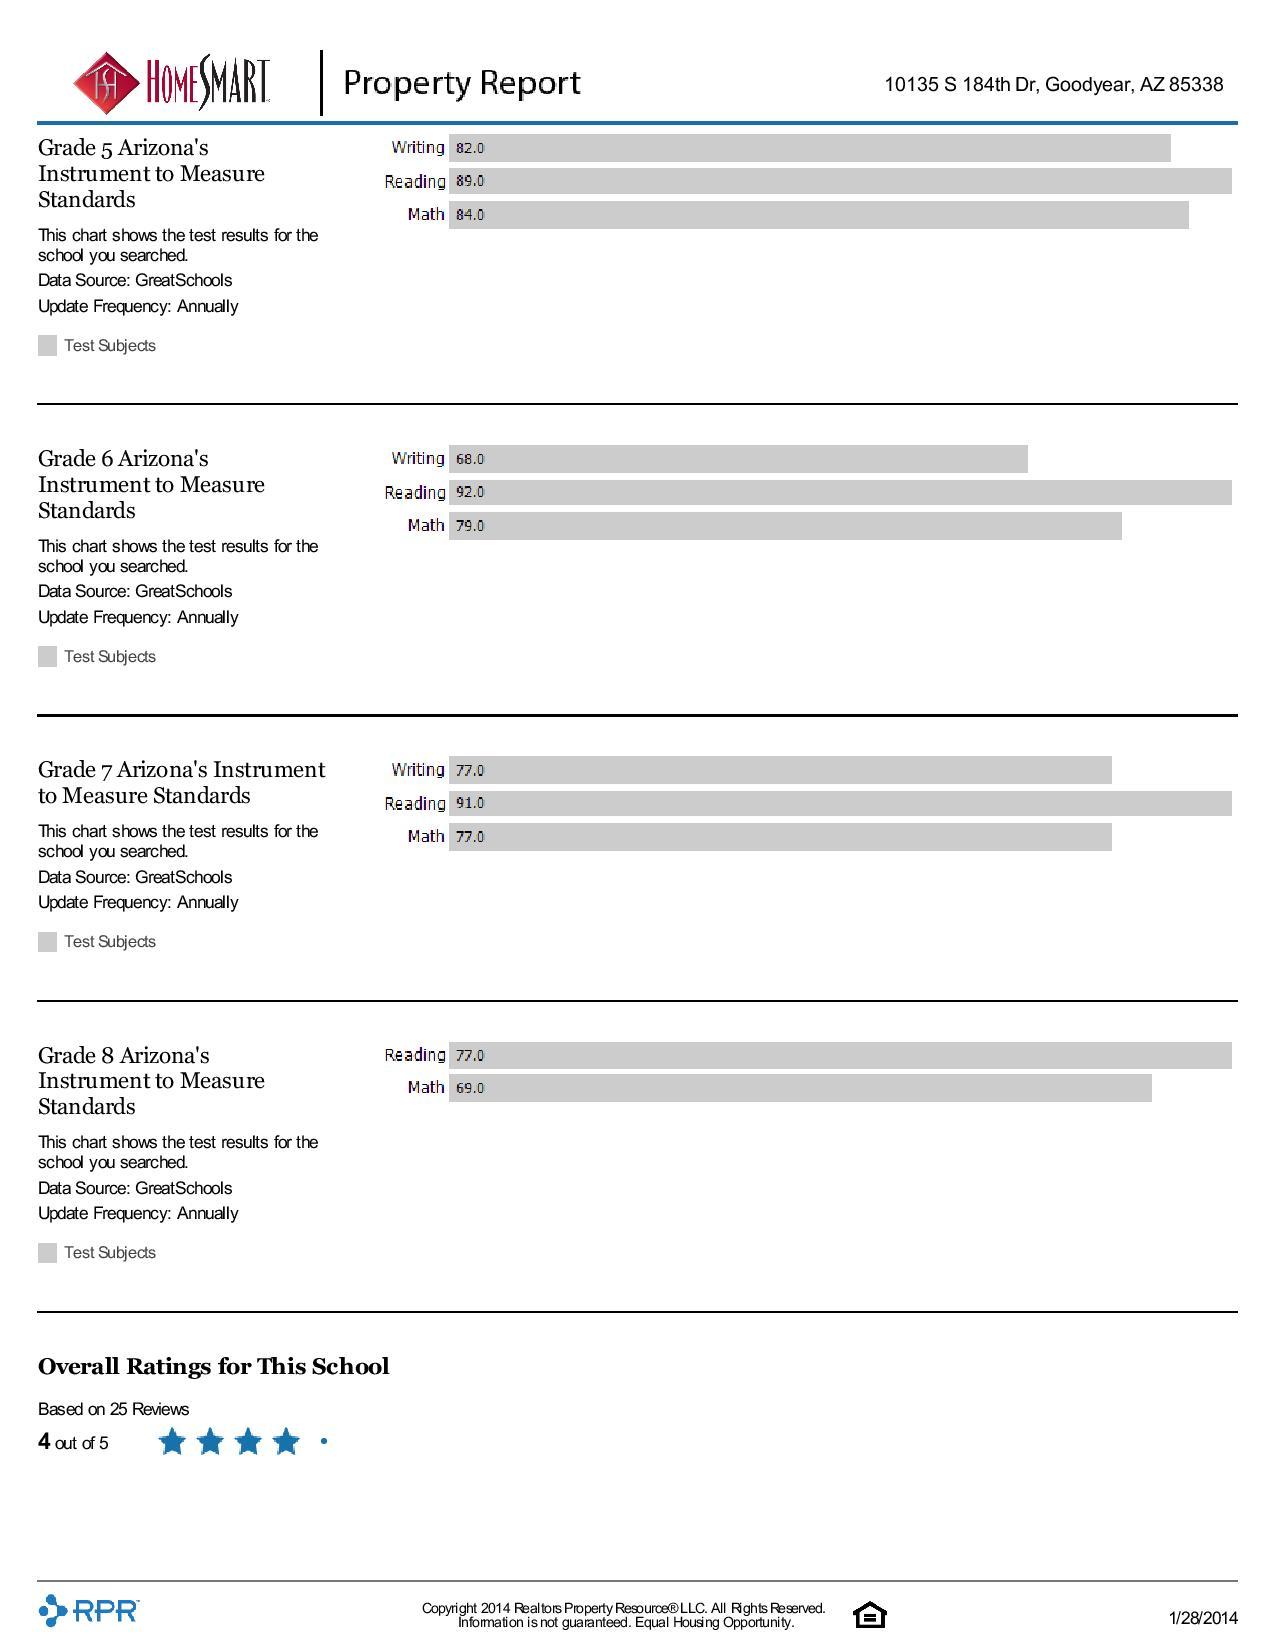 10135-S-184th-Dr-Goodyear-AZ-85338.pdf-page-016